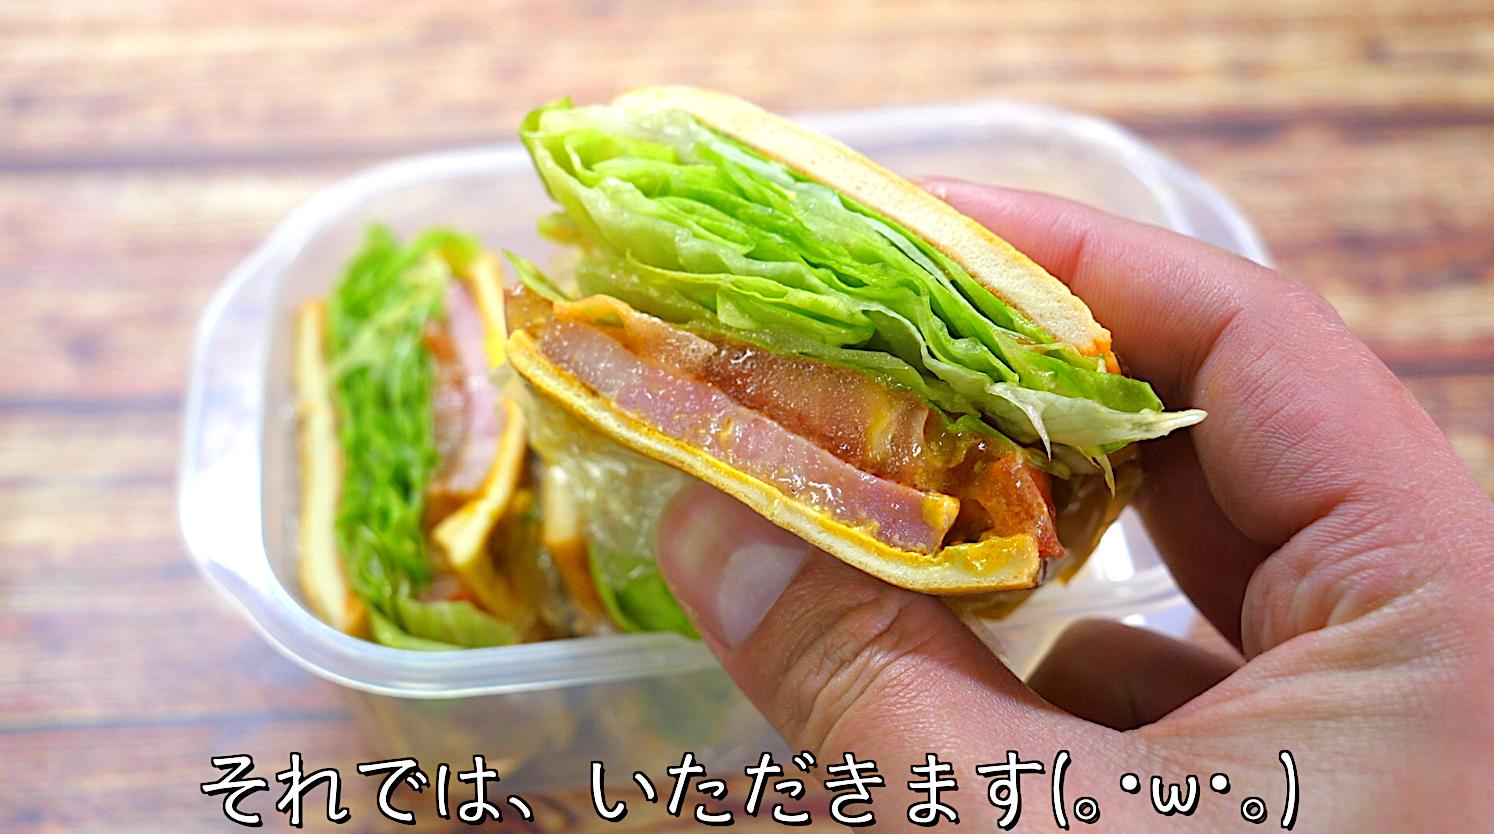 ダイエット 高野豆腐 サンドイッチ